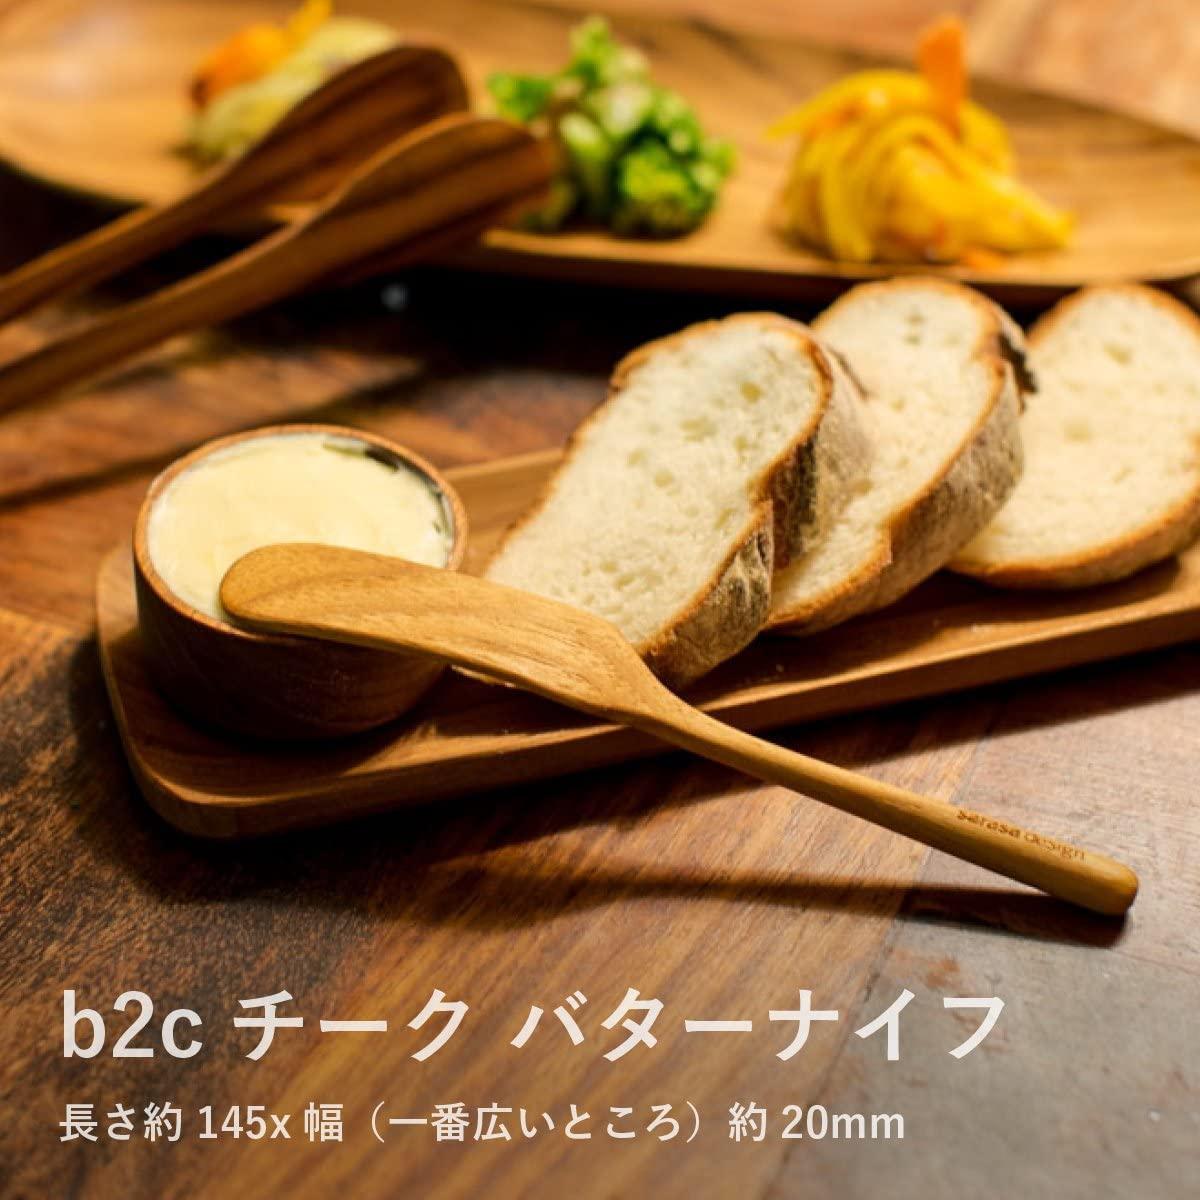 sarasa design(サラサデザイン)tw023/b2cチーク バターナイフ 145mmの商品画像2